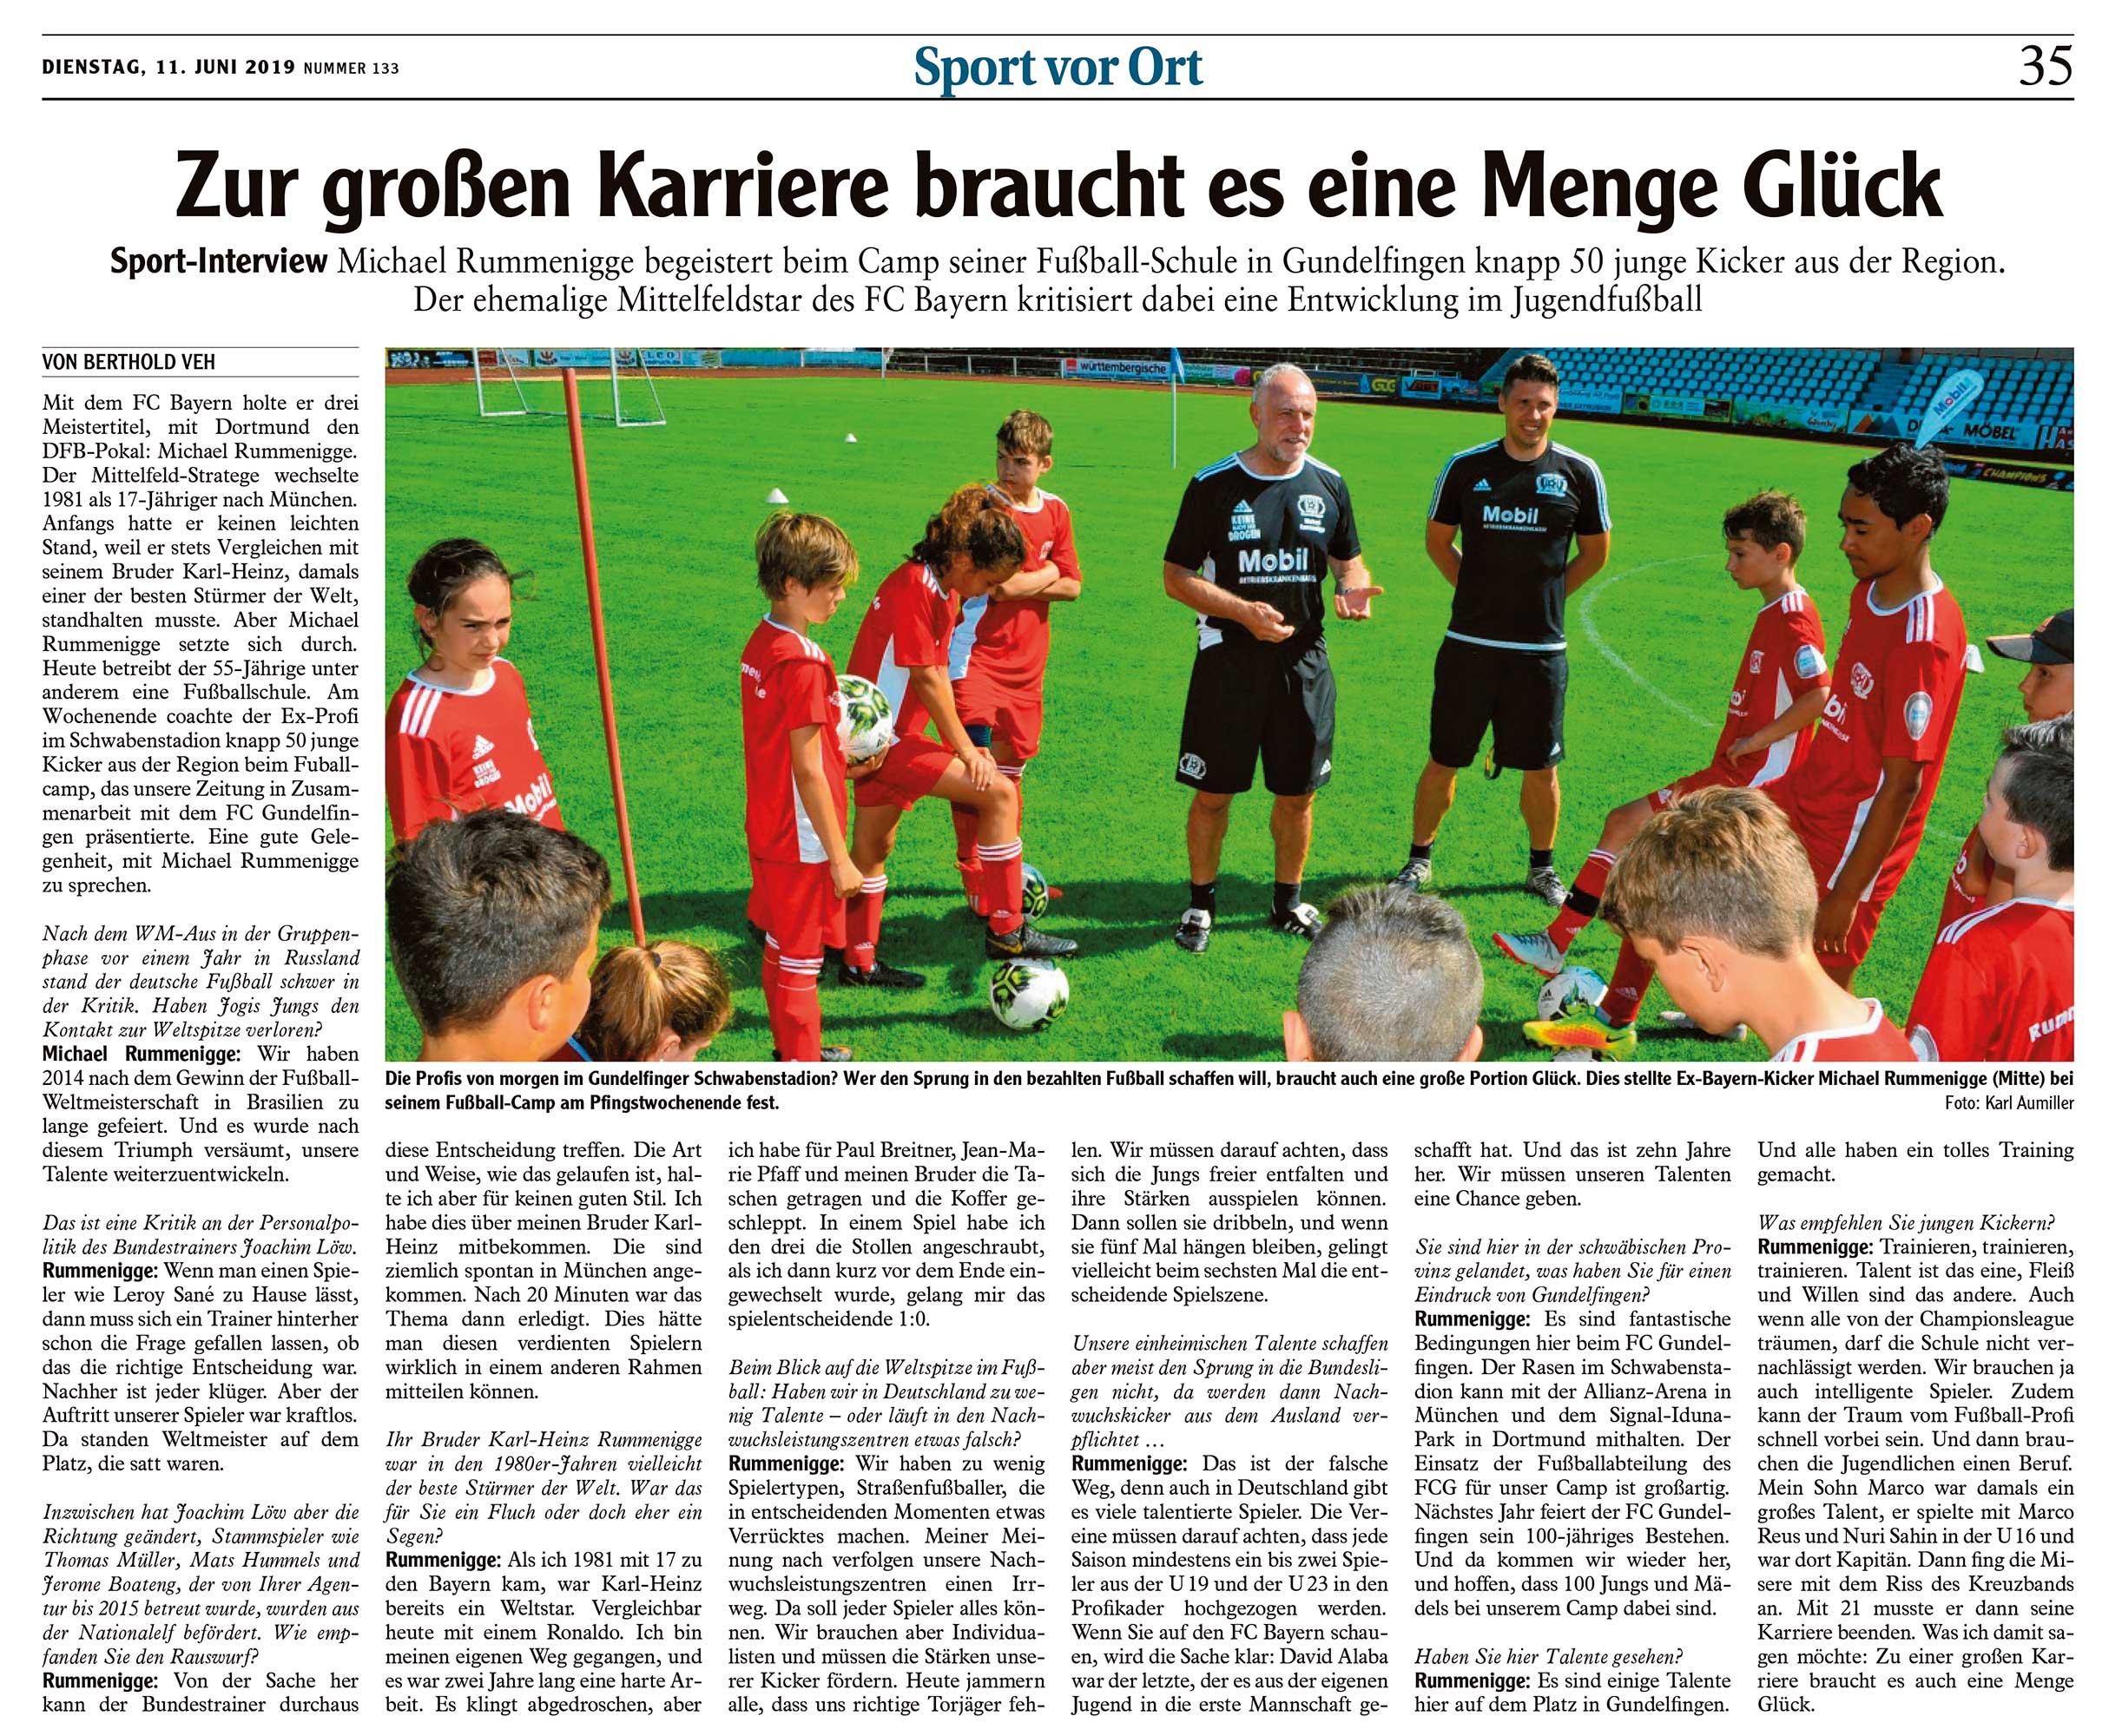 Interview mit Michael Rummenigge zum Camp seiner Fussballschule in Gundelfingen und der Entwicklung im Fussball allgemein